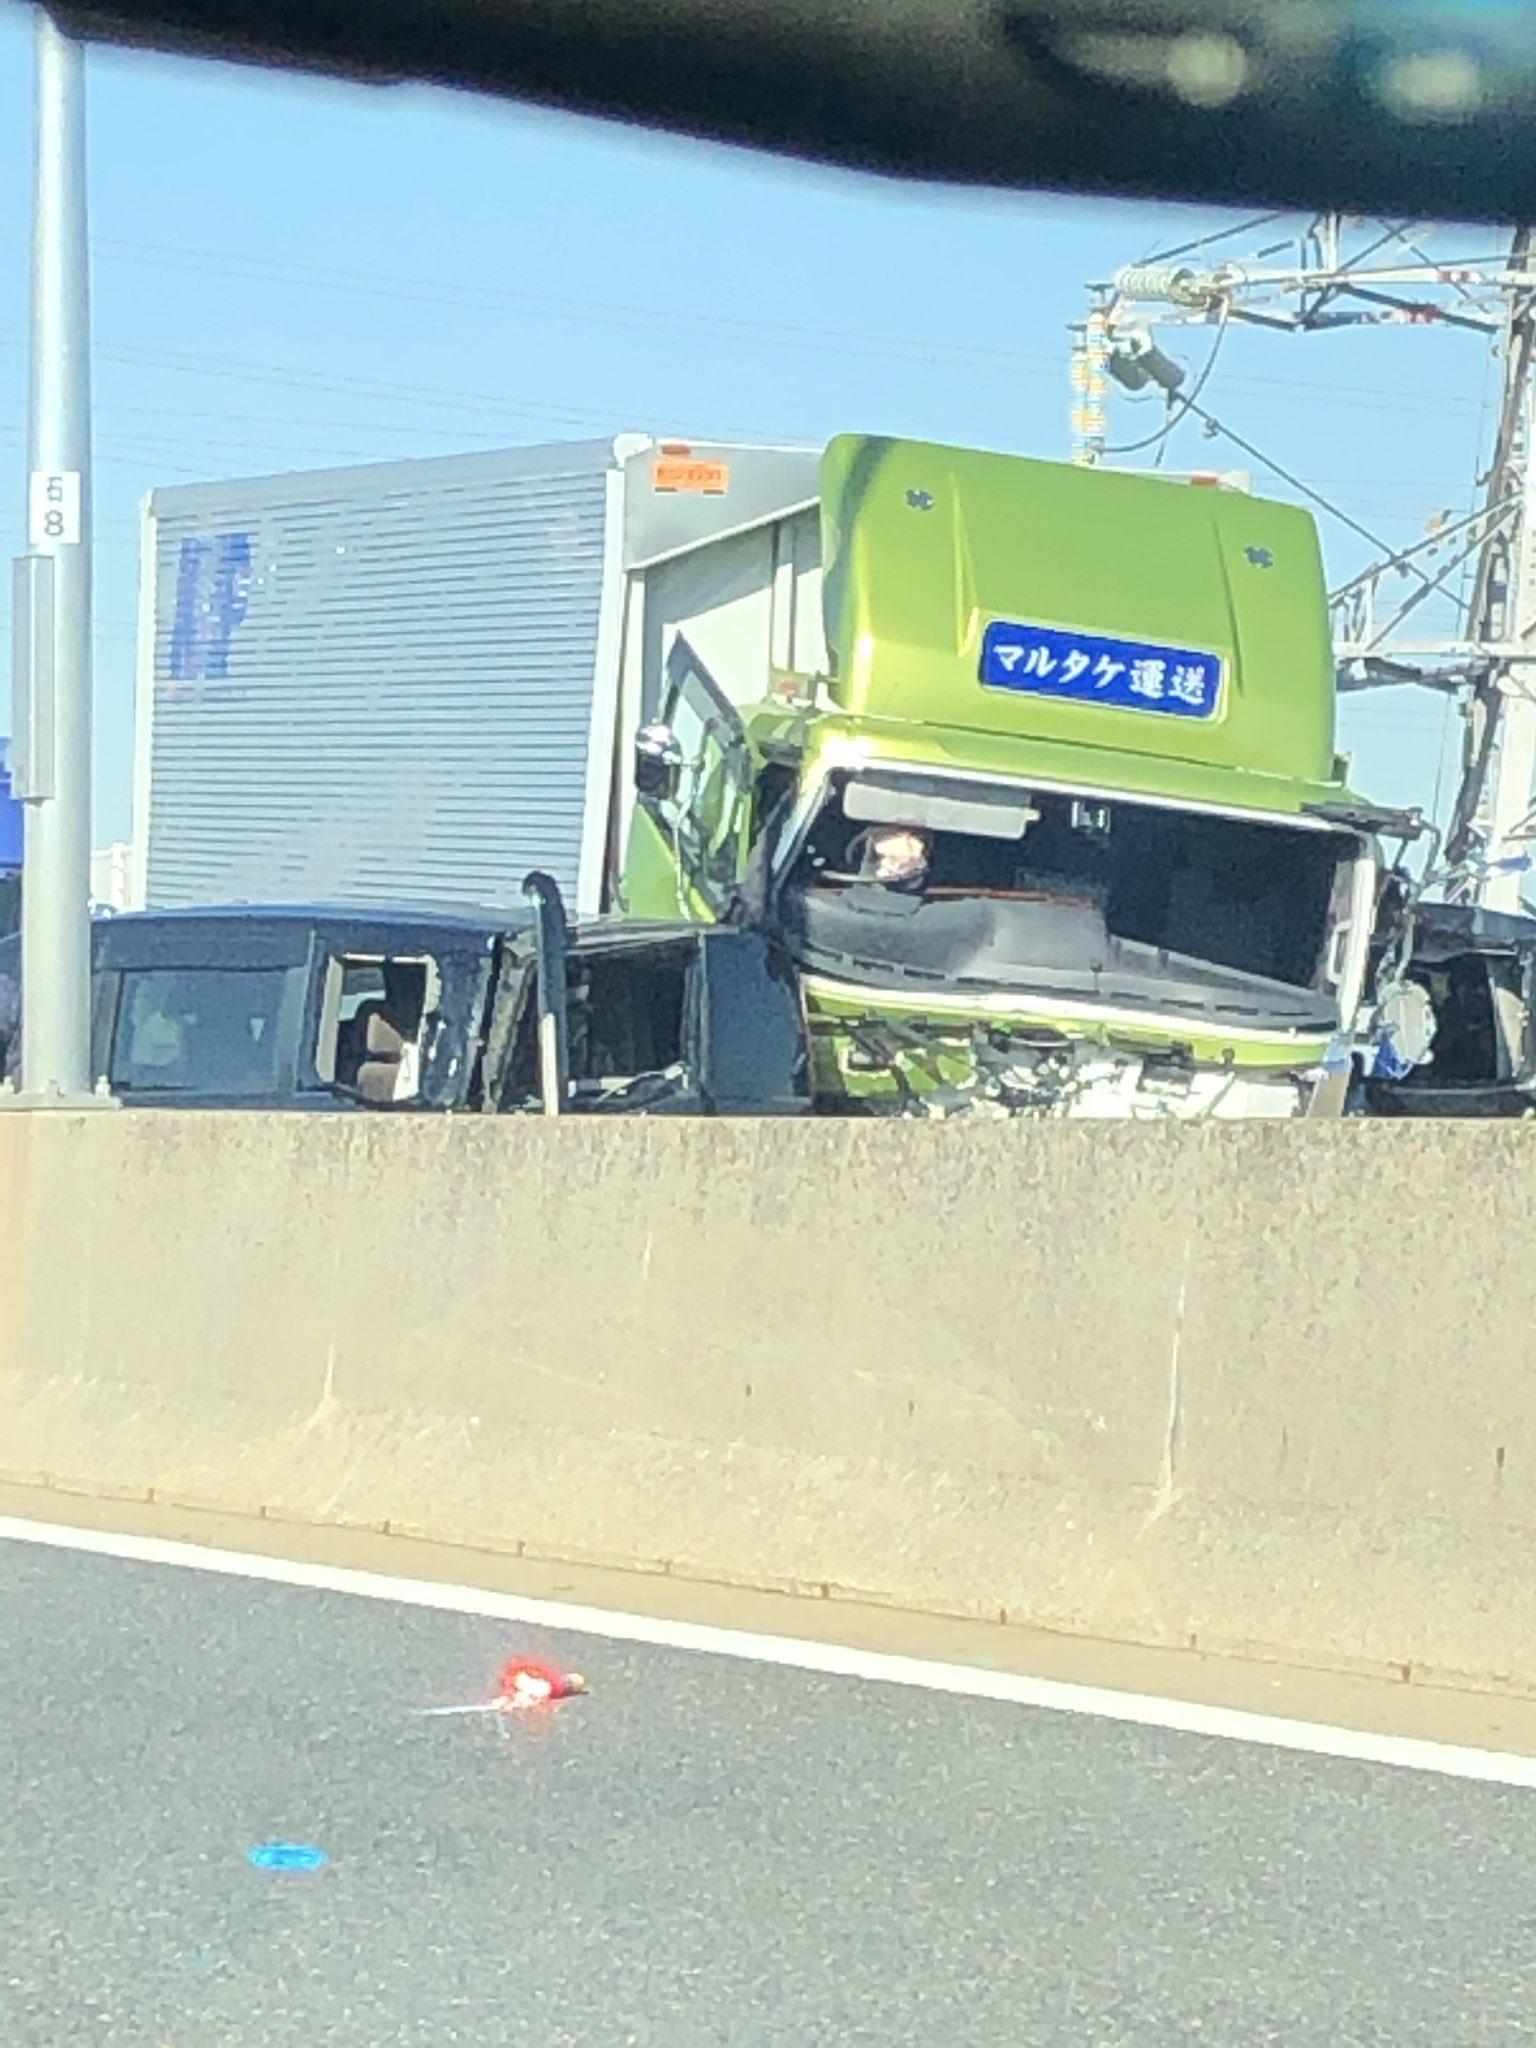 阪神高速湾岸線上り石津出口付近で起きた玉突き事故の現場画像